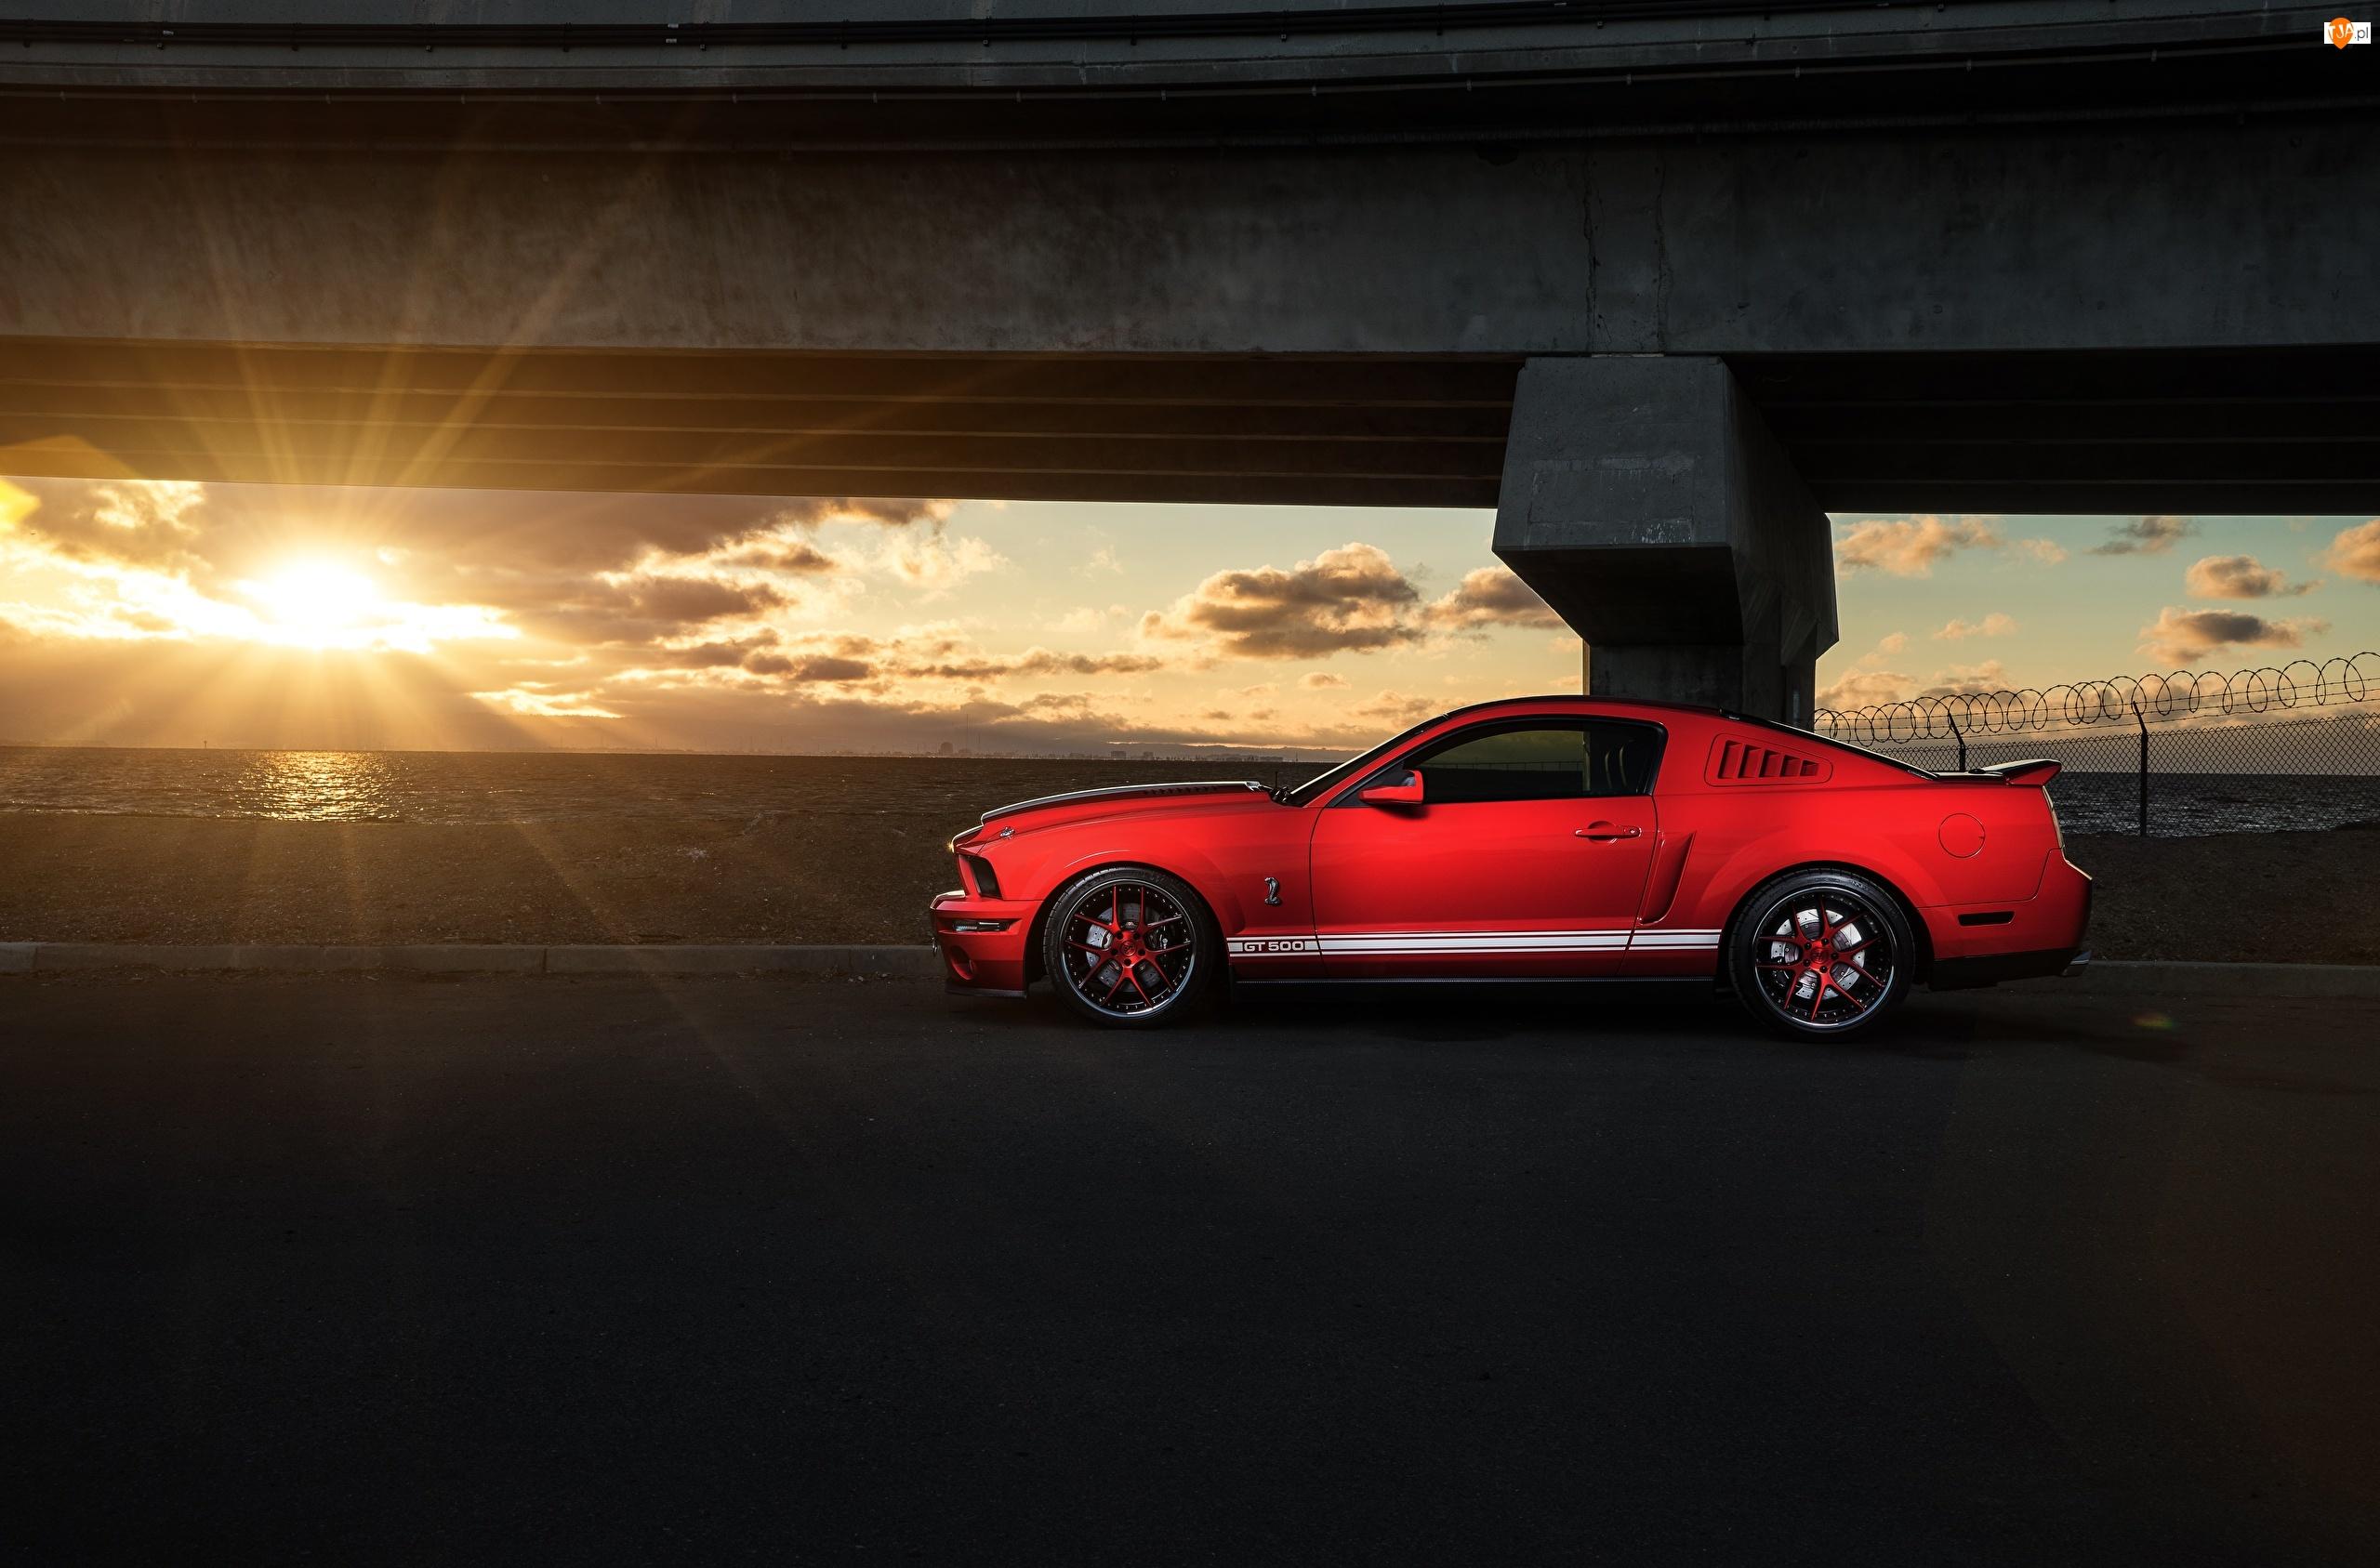 Czerwony, Słońce, Ford Mustang GT500, Promienie